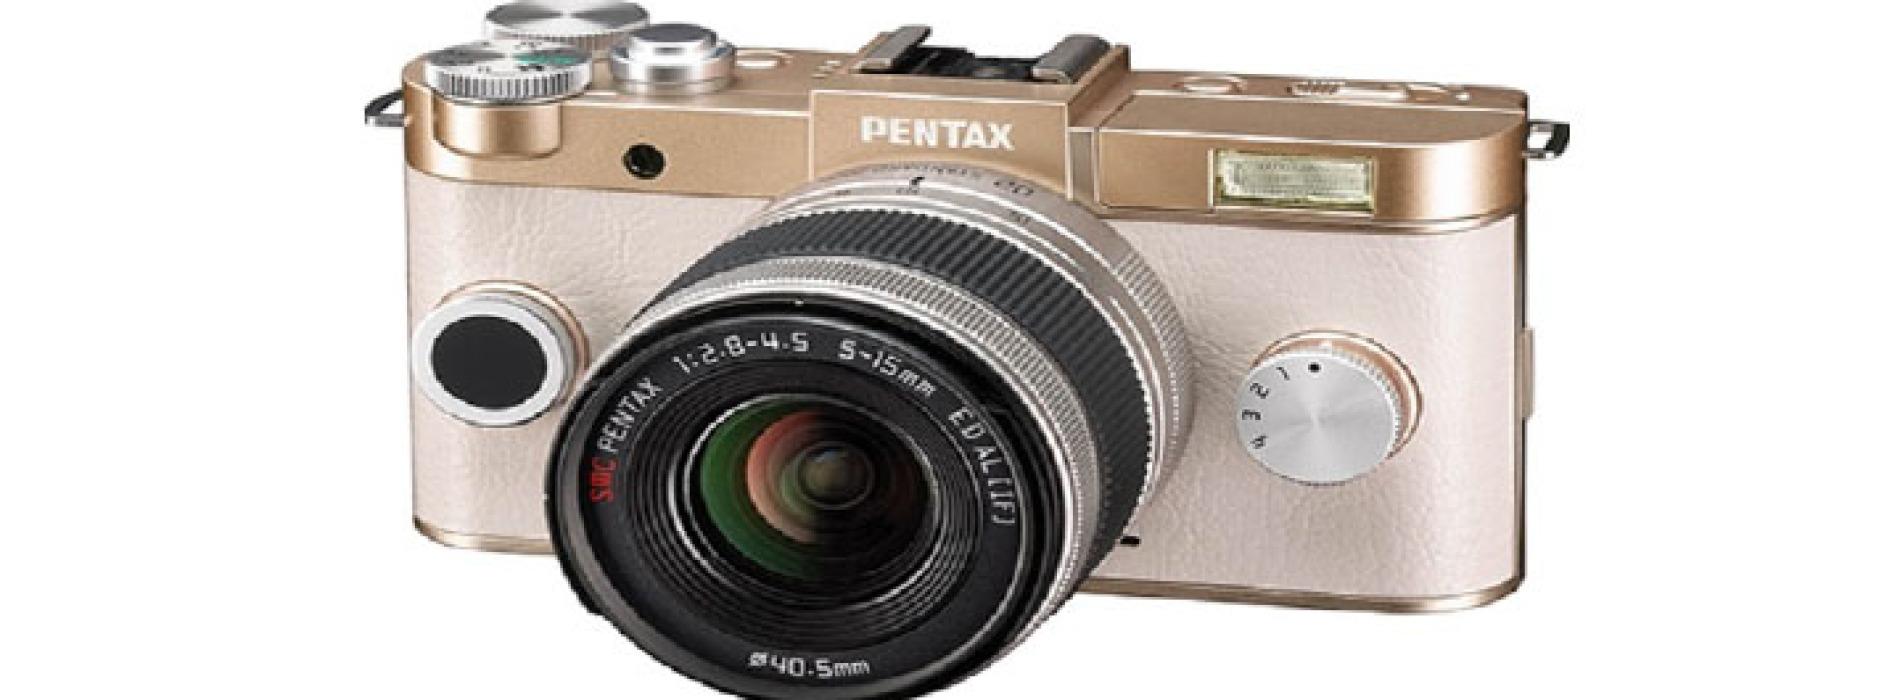 Ремонт цифровых фотоаппаратов Pentax